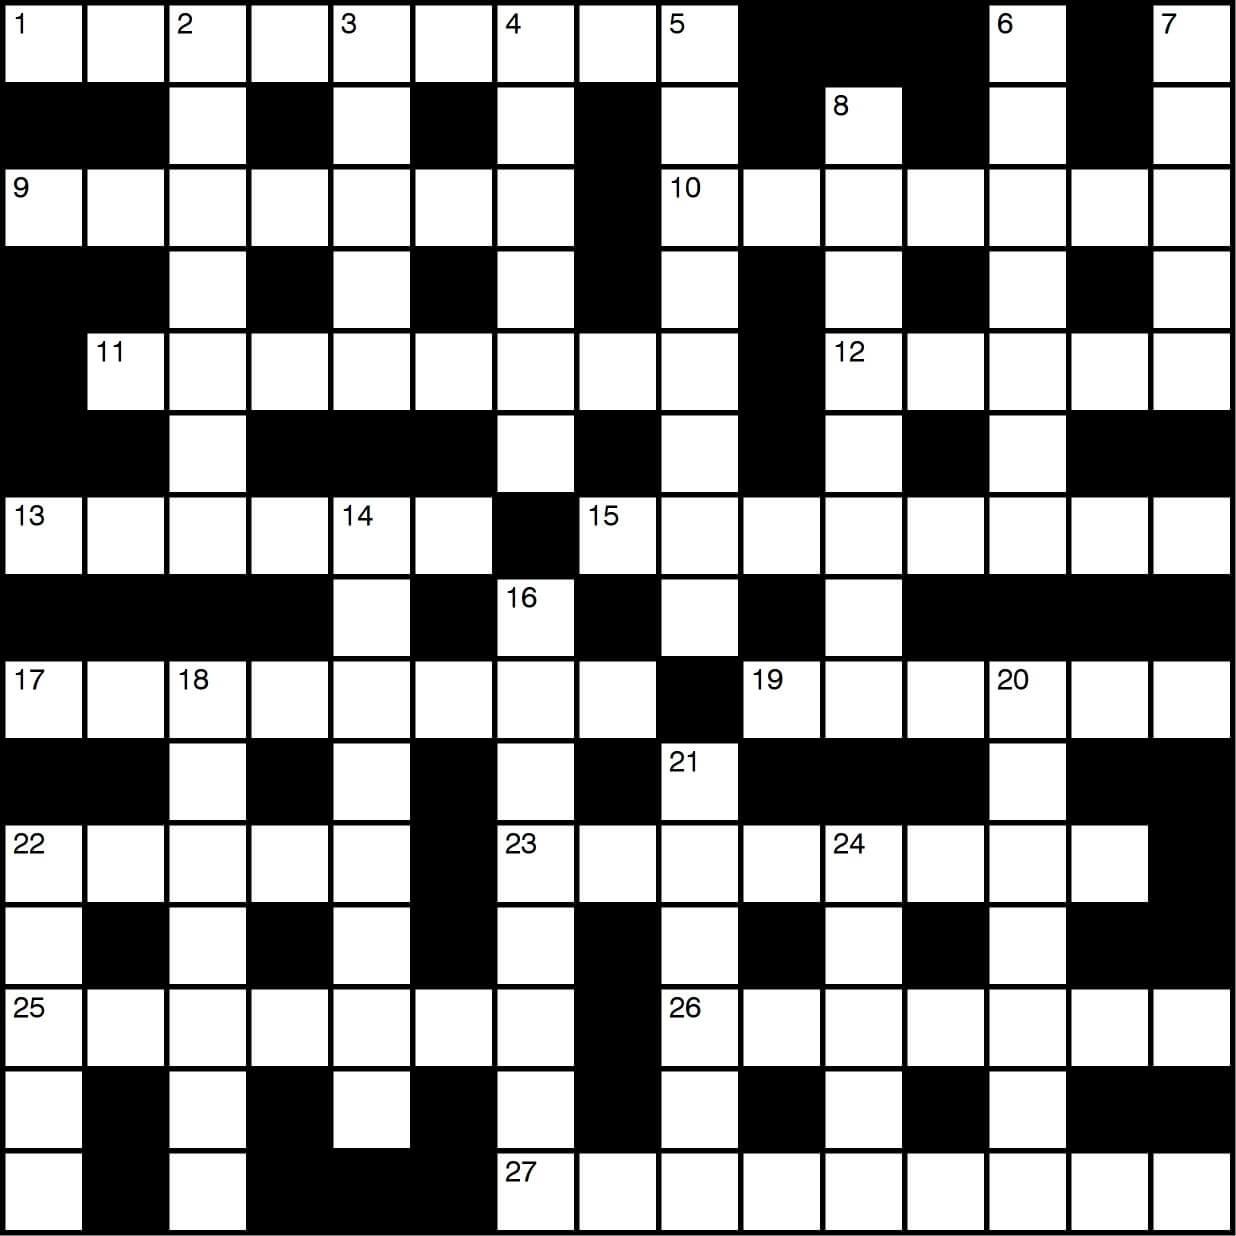 missing-vowels-uk-14